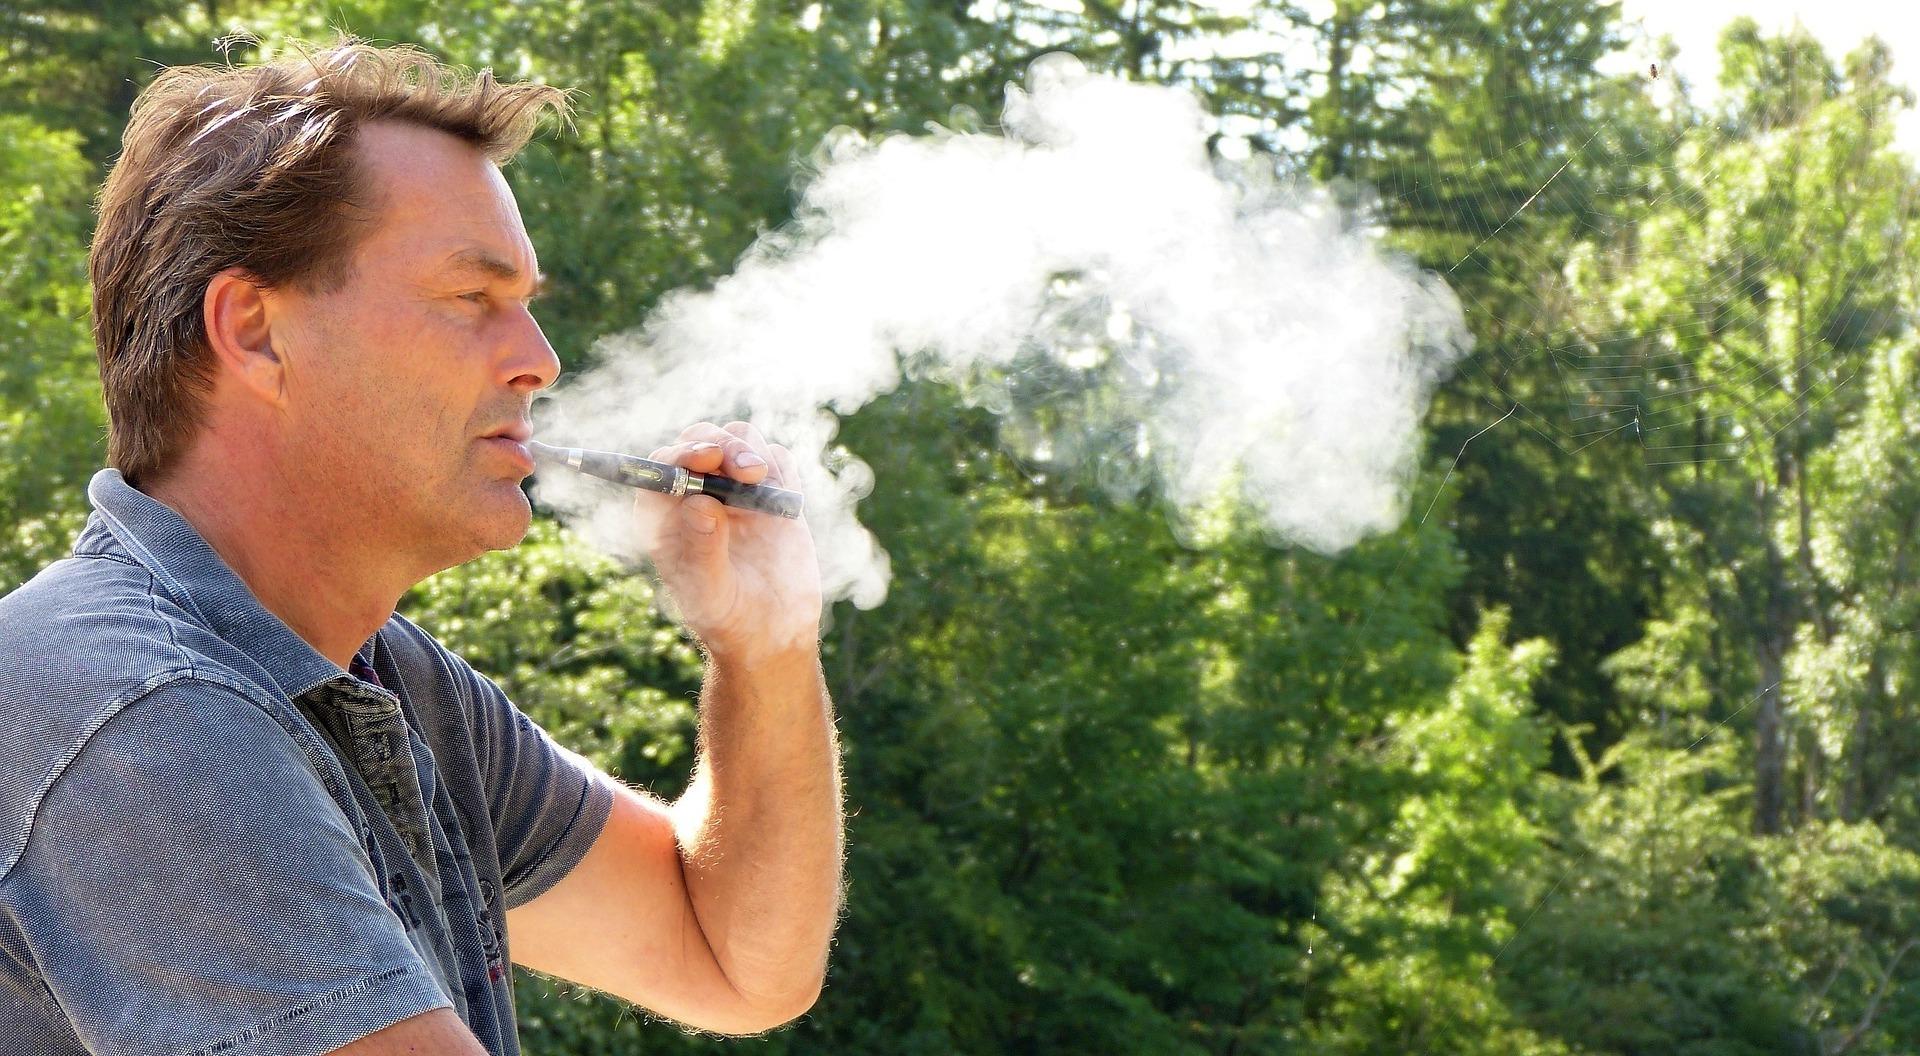 káros-e a cigaretta dohányzása)